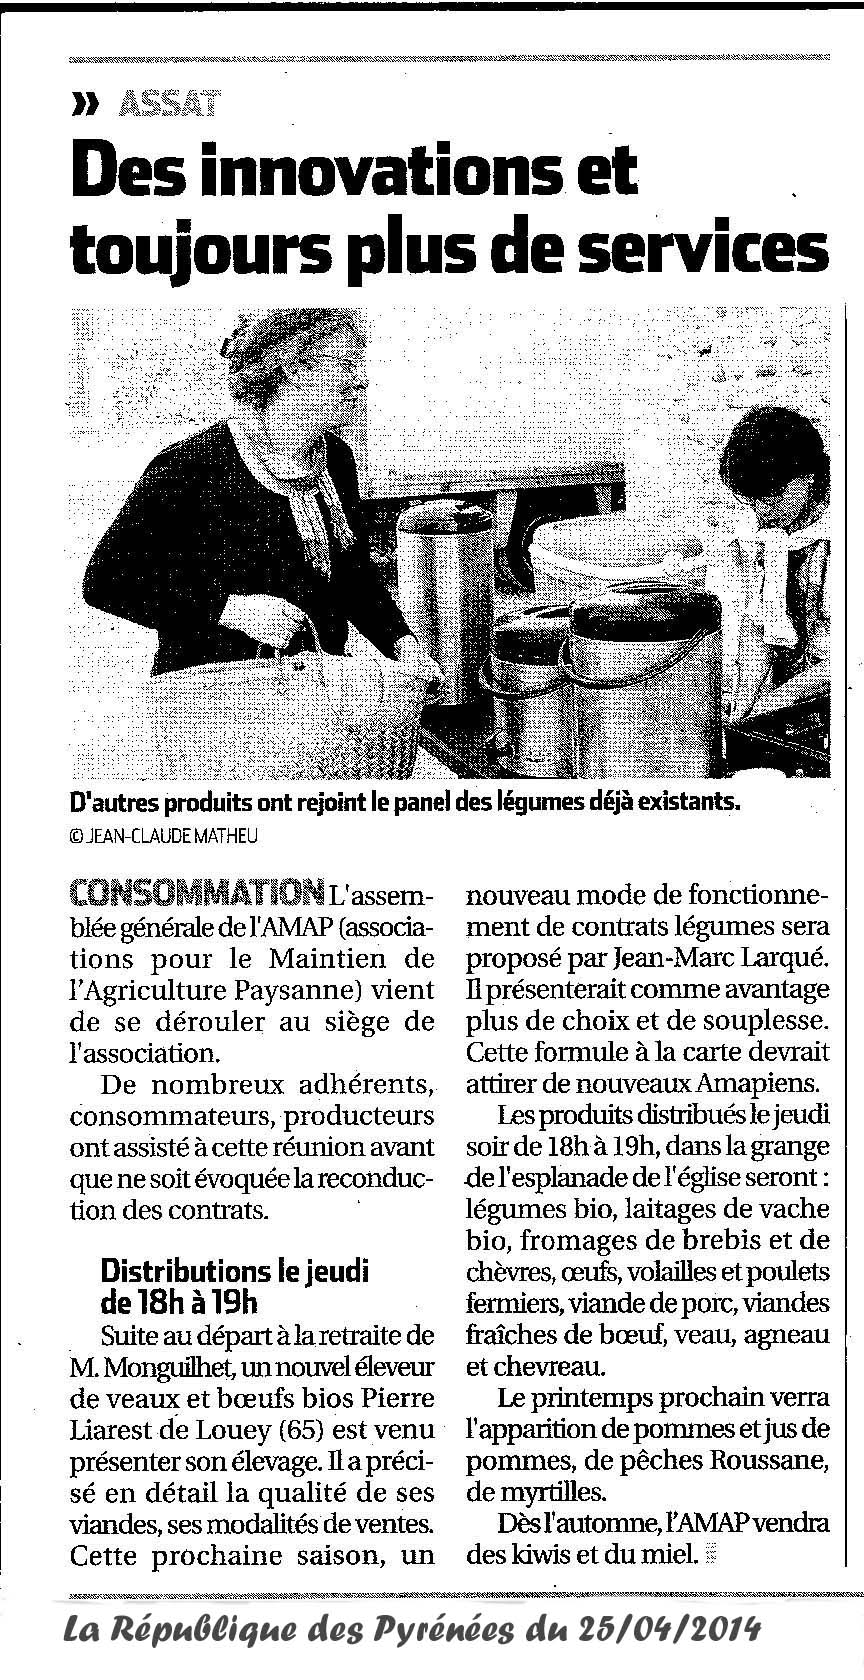 2014.04.25 Article République AMAP Assat